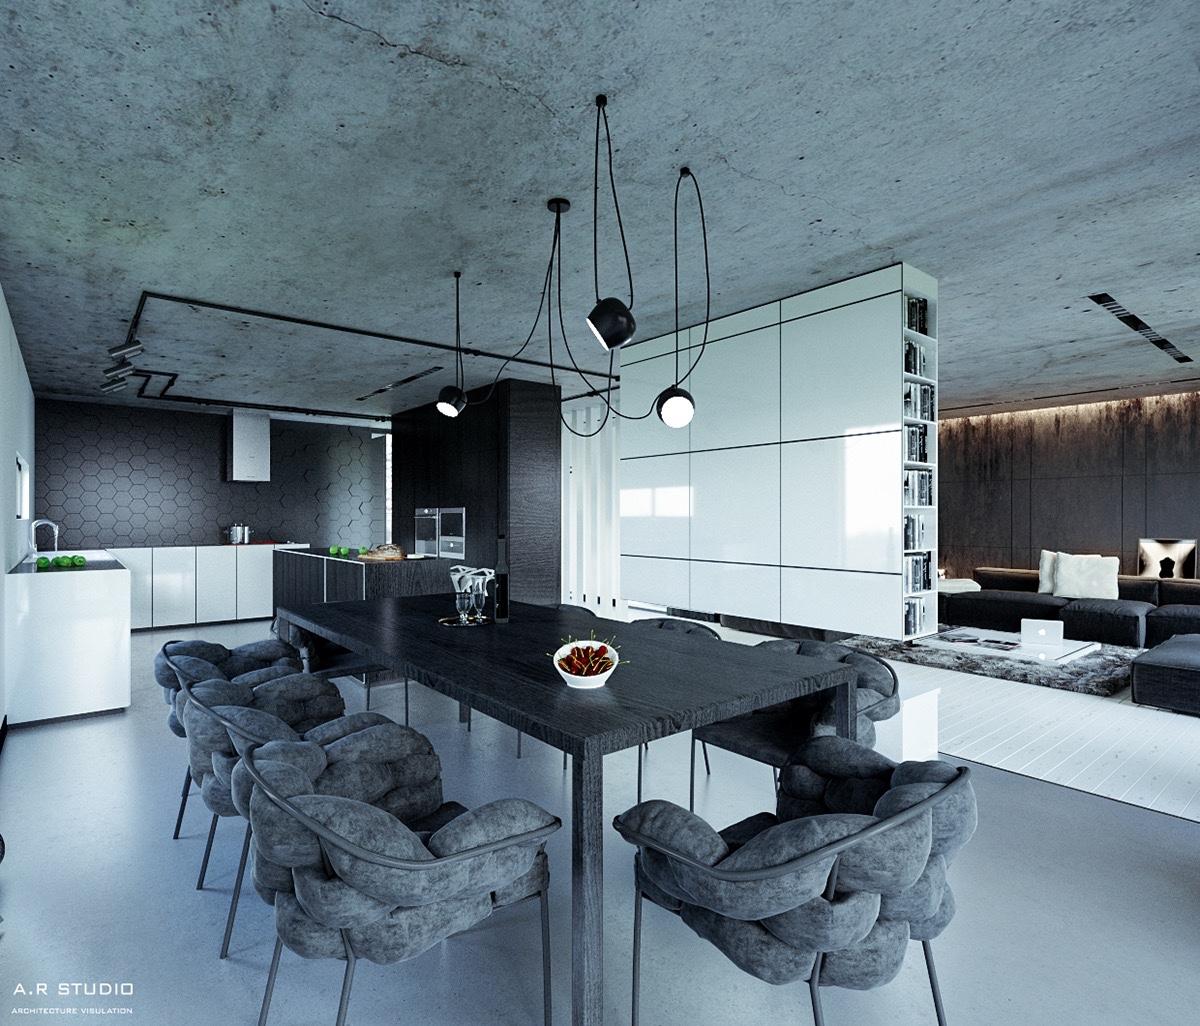 15 thiết kế phòng ăn tuyệt đẹp khiến bạn cả ngày chỉ muốn lăn vào bếp - Ảnh 5.